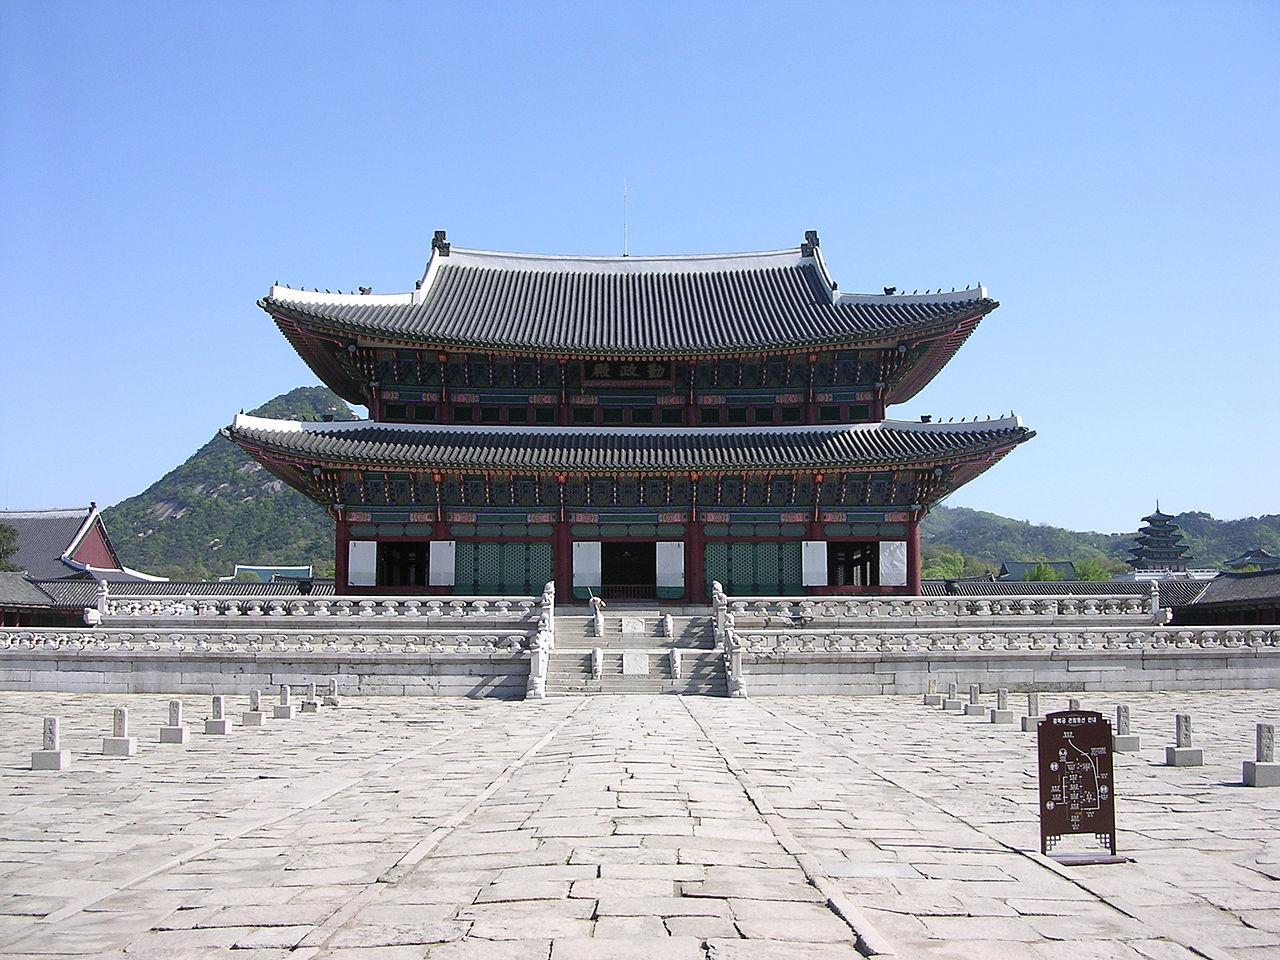 Дворец Кёнбоккун в Сеуле, тронный зал